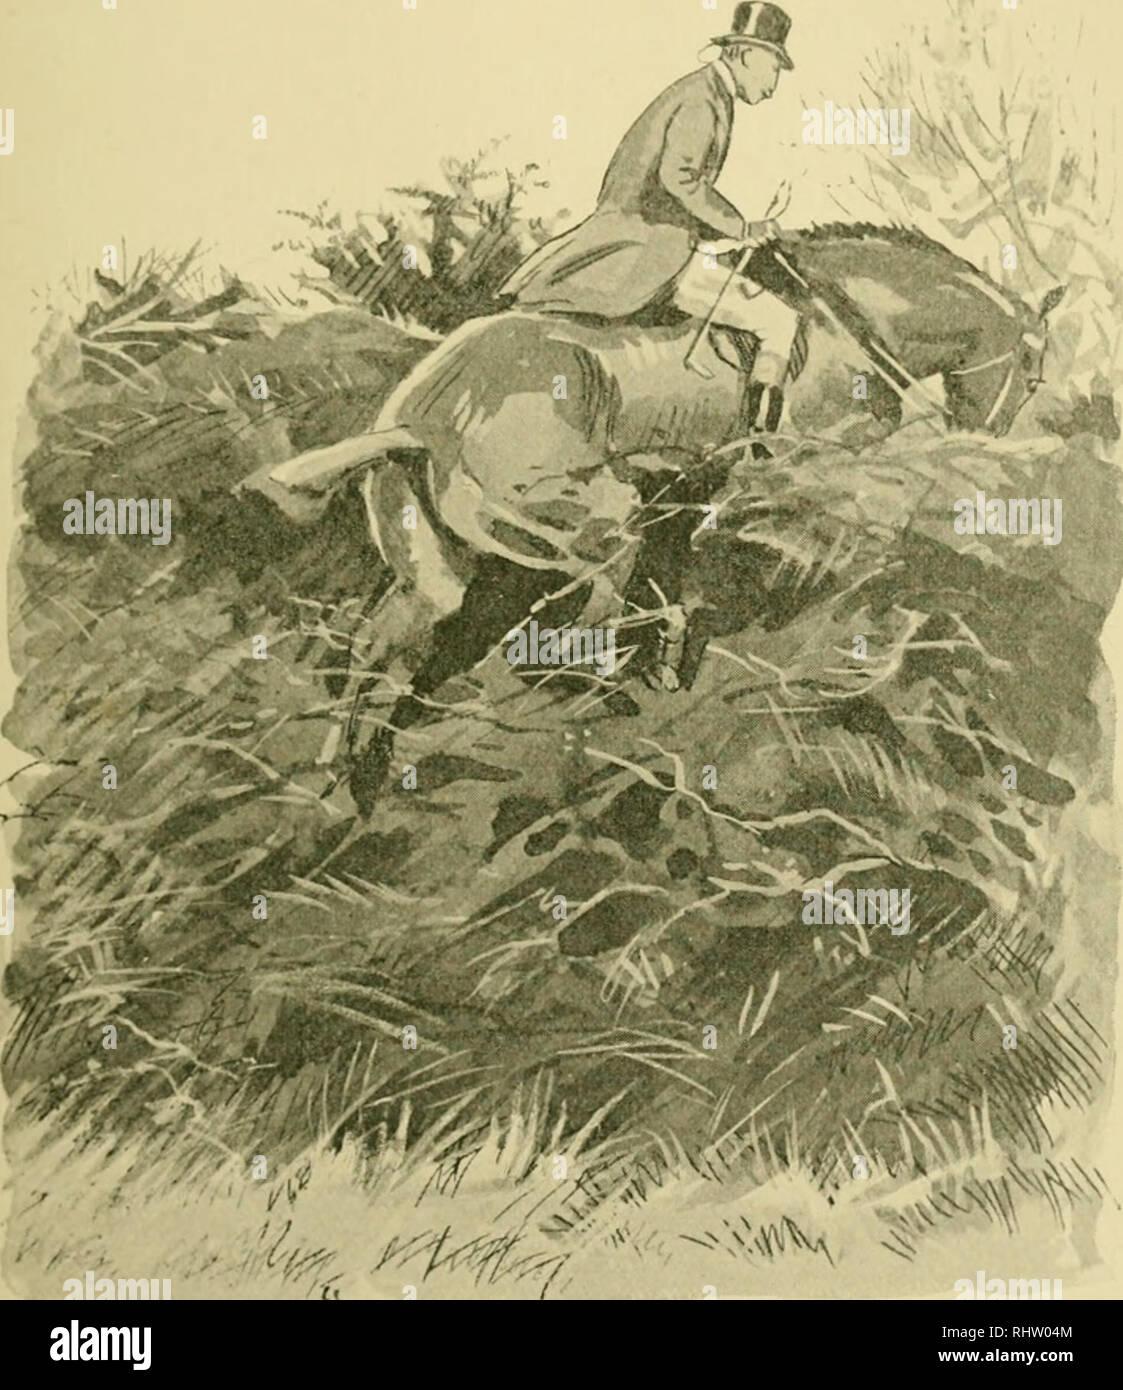 Cavallo Giocattolo Inglese Immagini & Cavallo Giocattolo